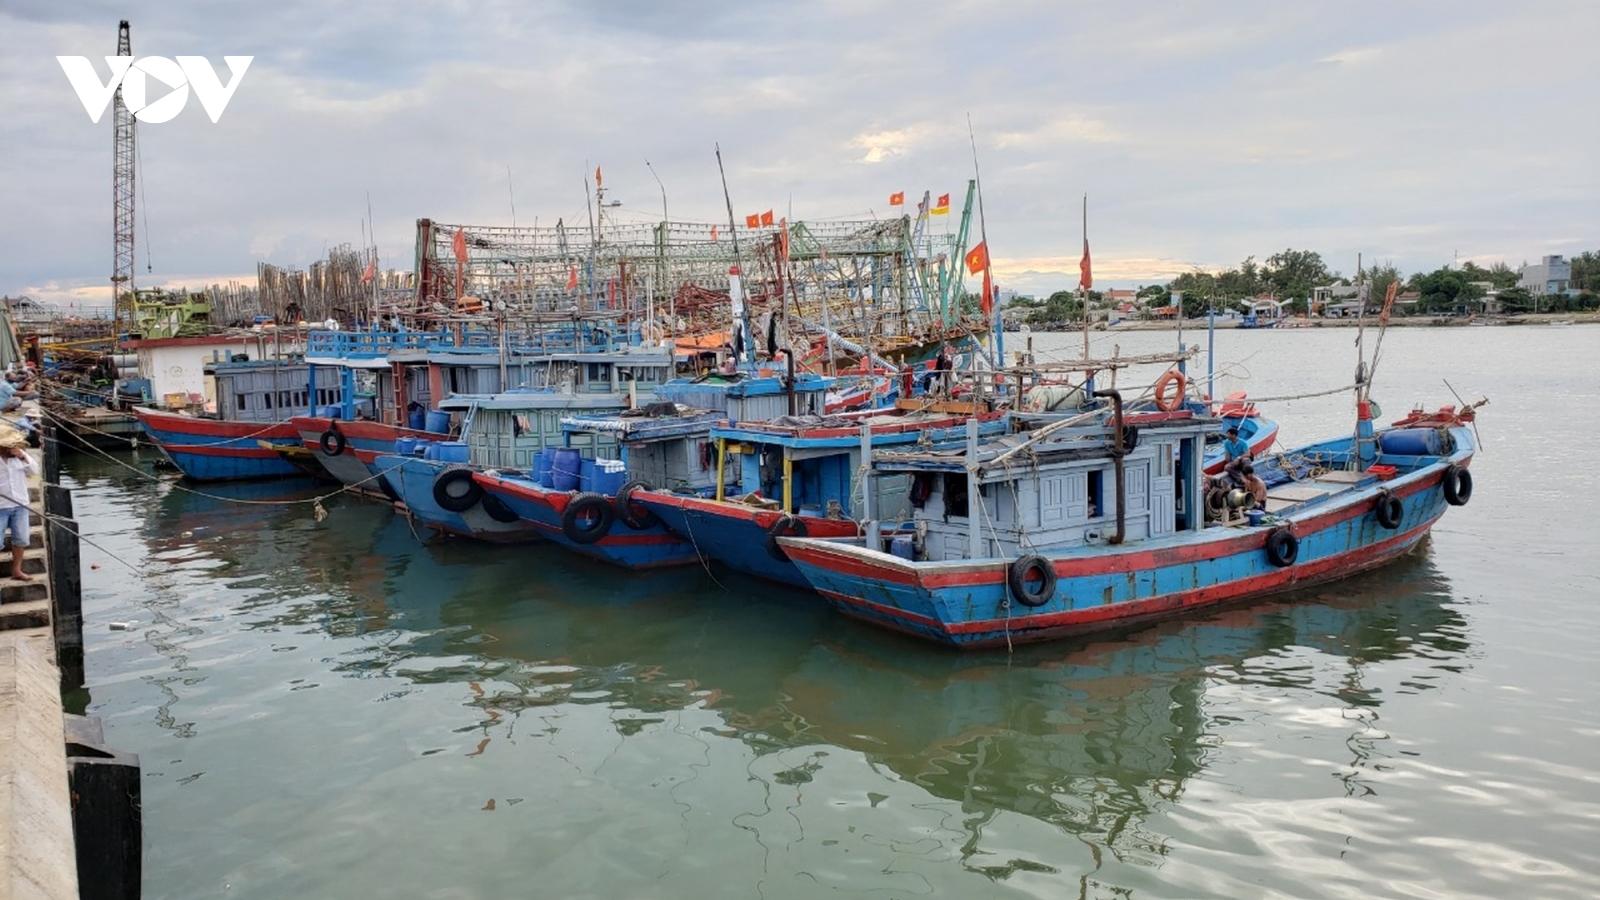 Ứng phó bão số 5: Các tỉnh miền Trung sẵn sàng sơ tán dân khi có lệnh